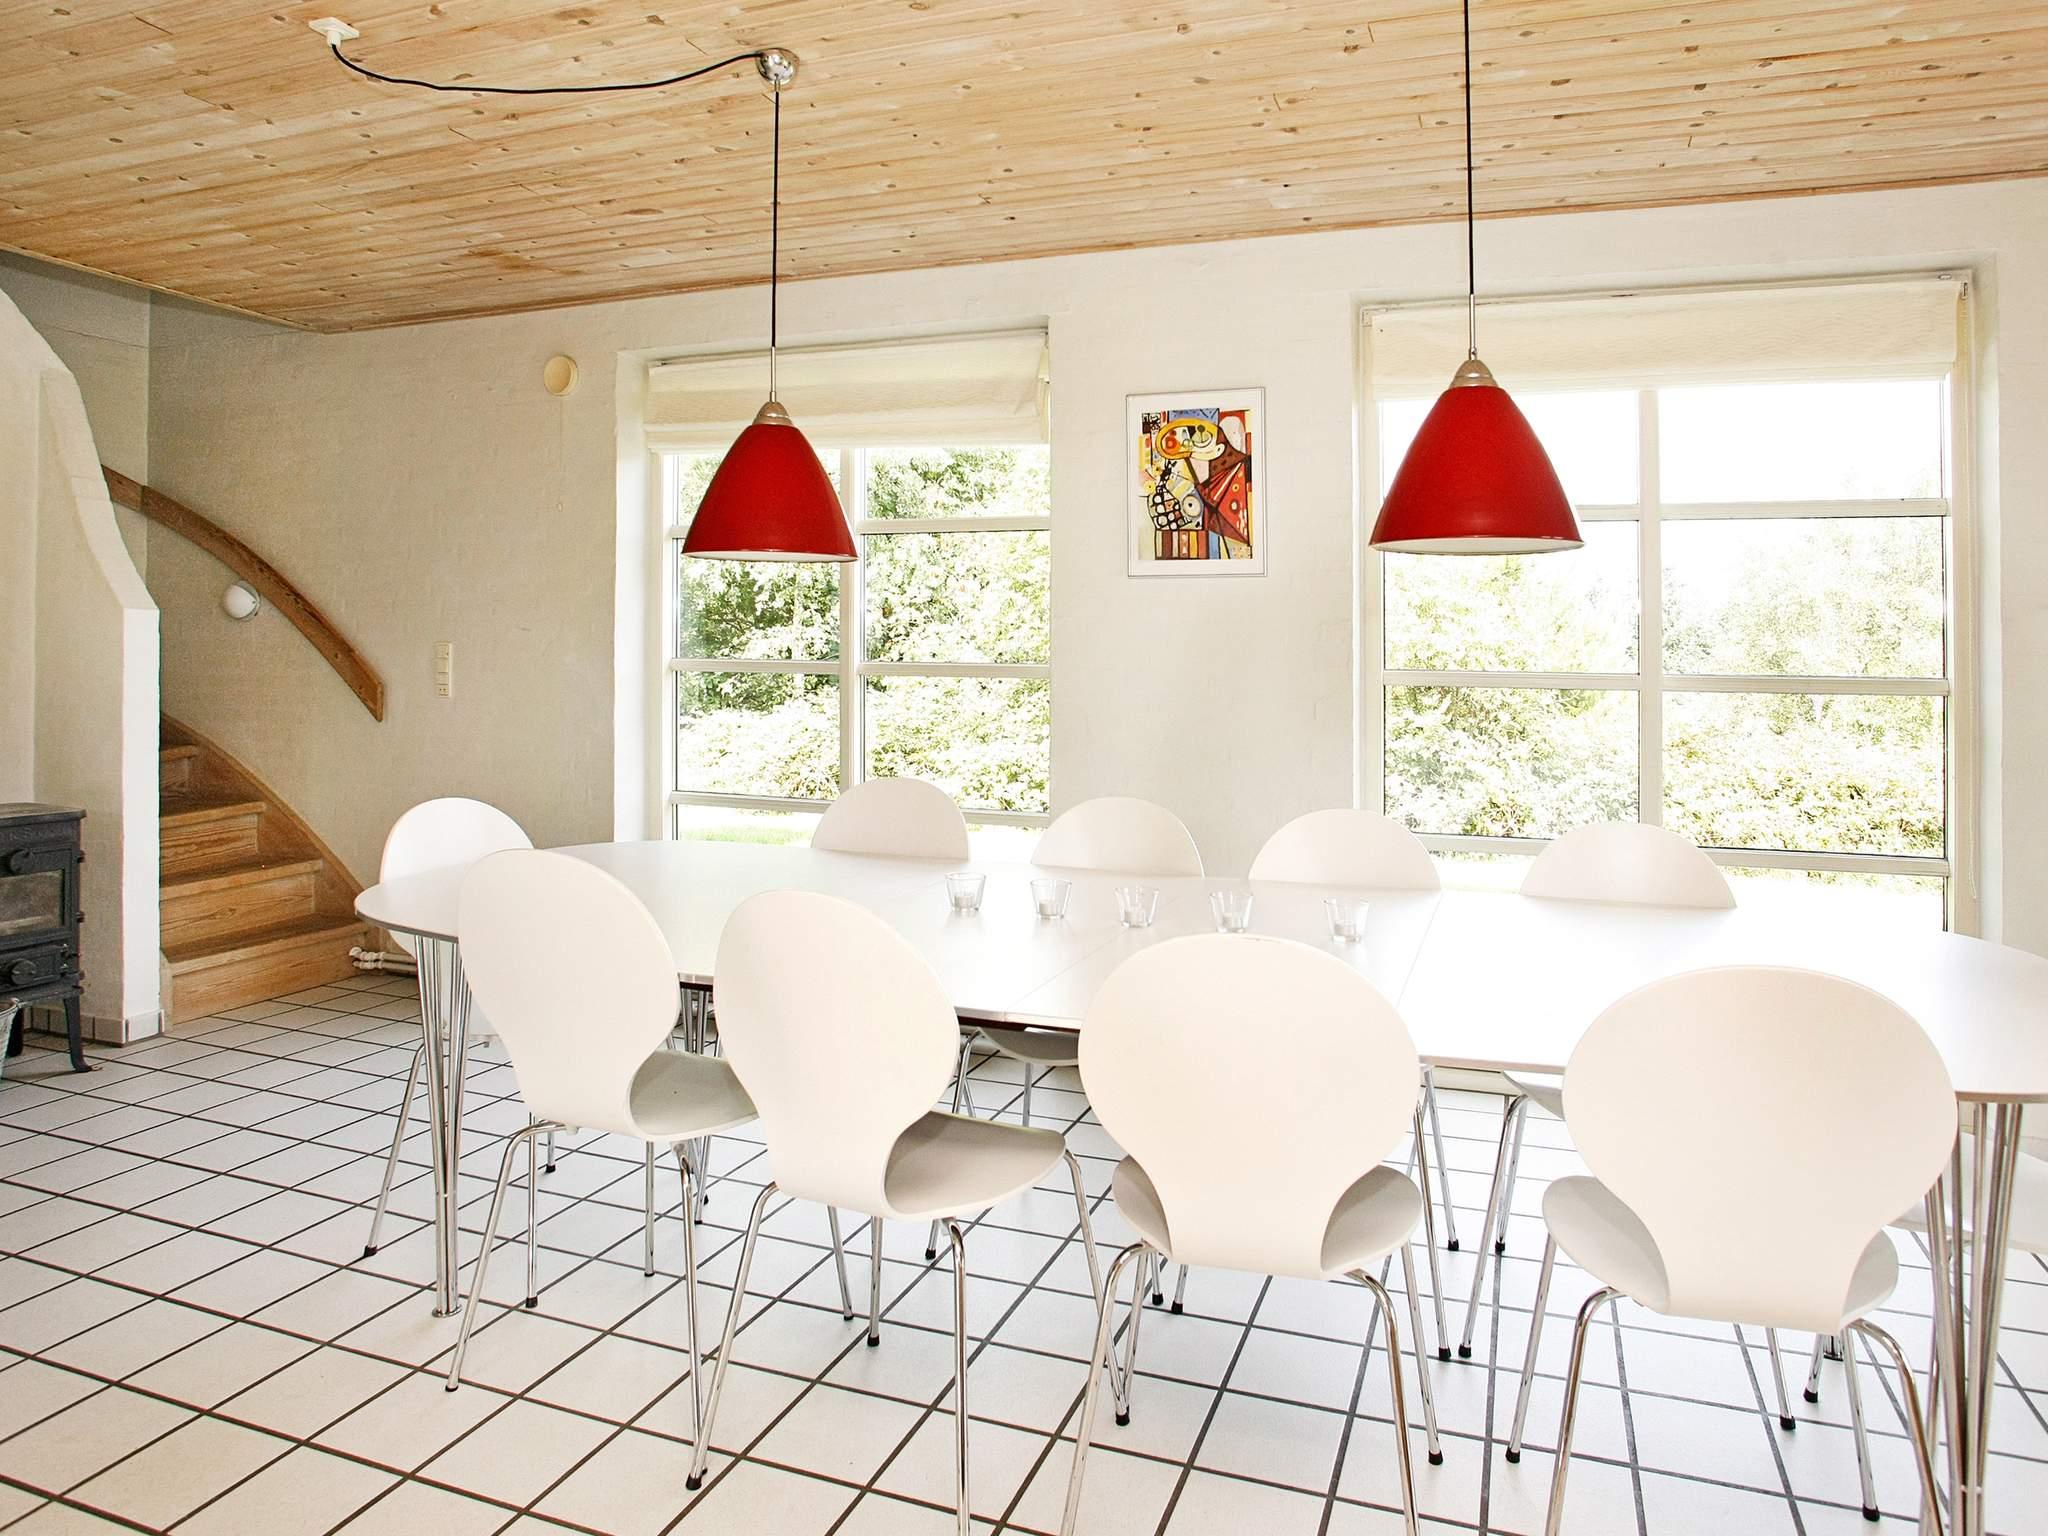 Ferienhaus Fur (83078), Fur, , Limfjord, Dänemark, Bild 6